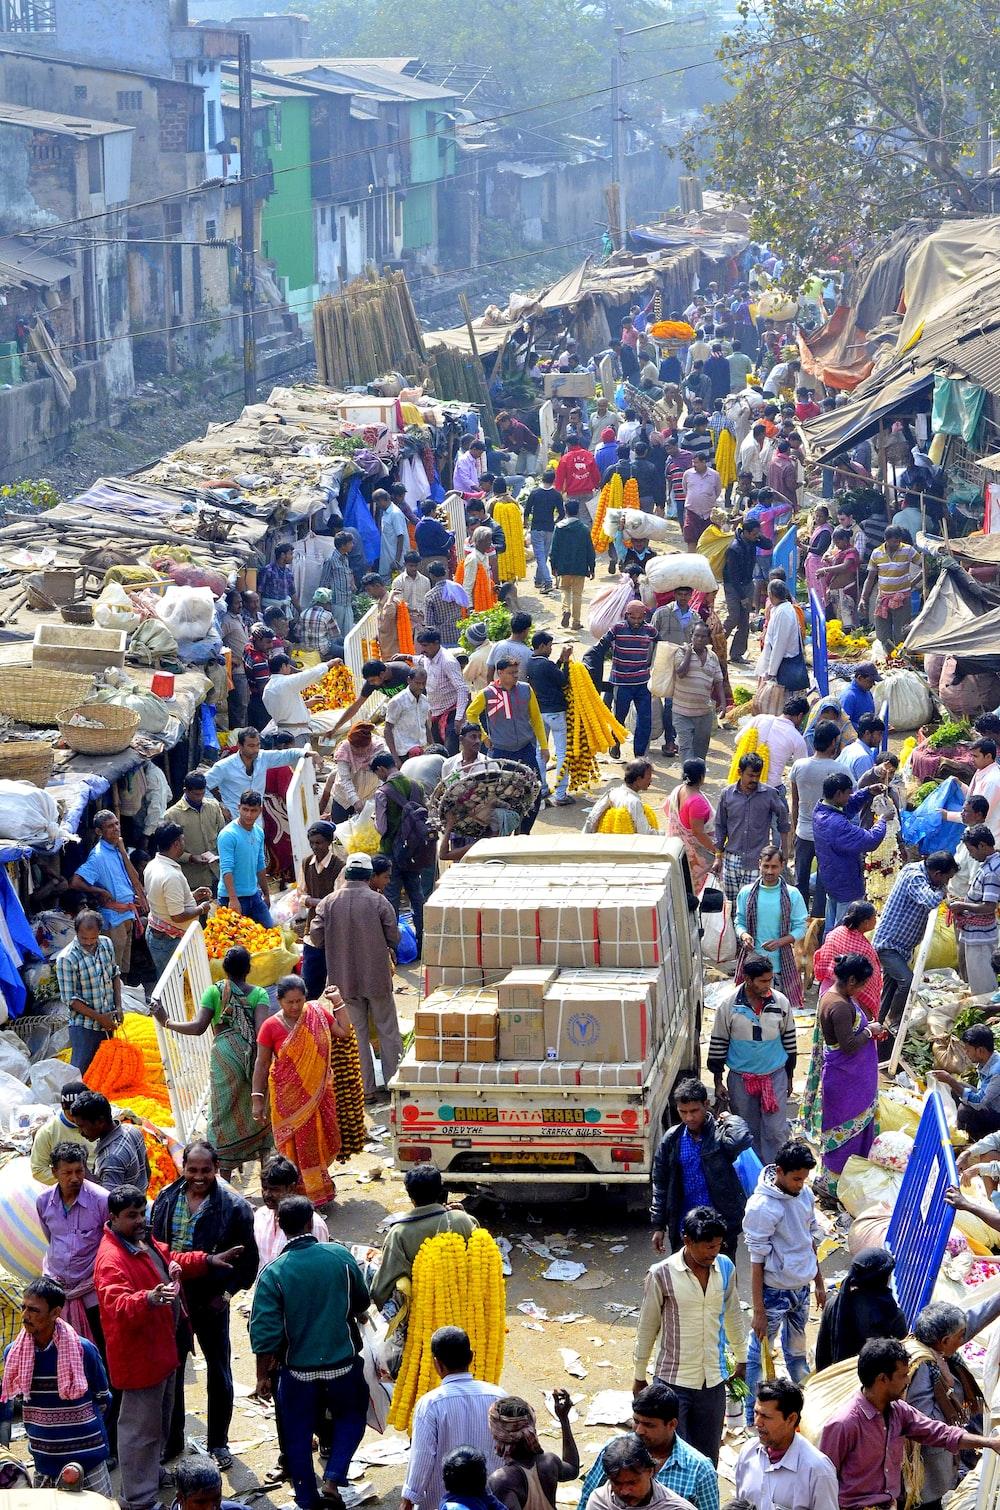 people walking during daytime market in india